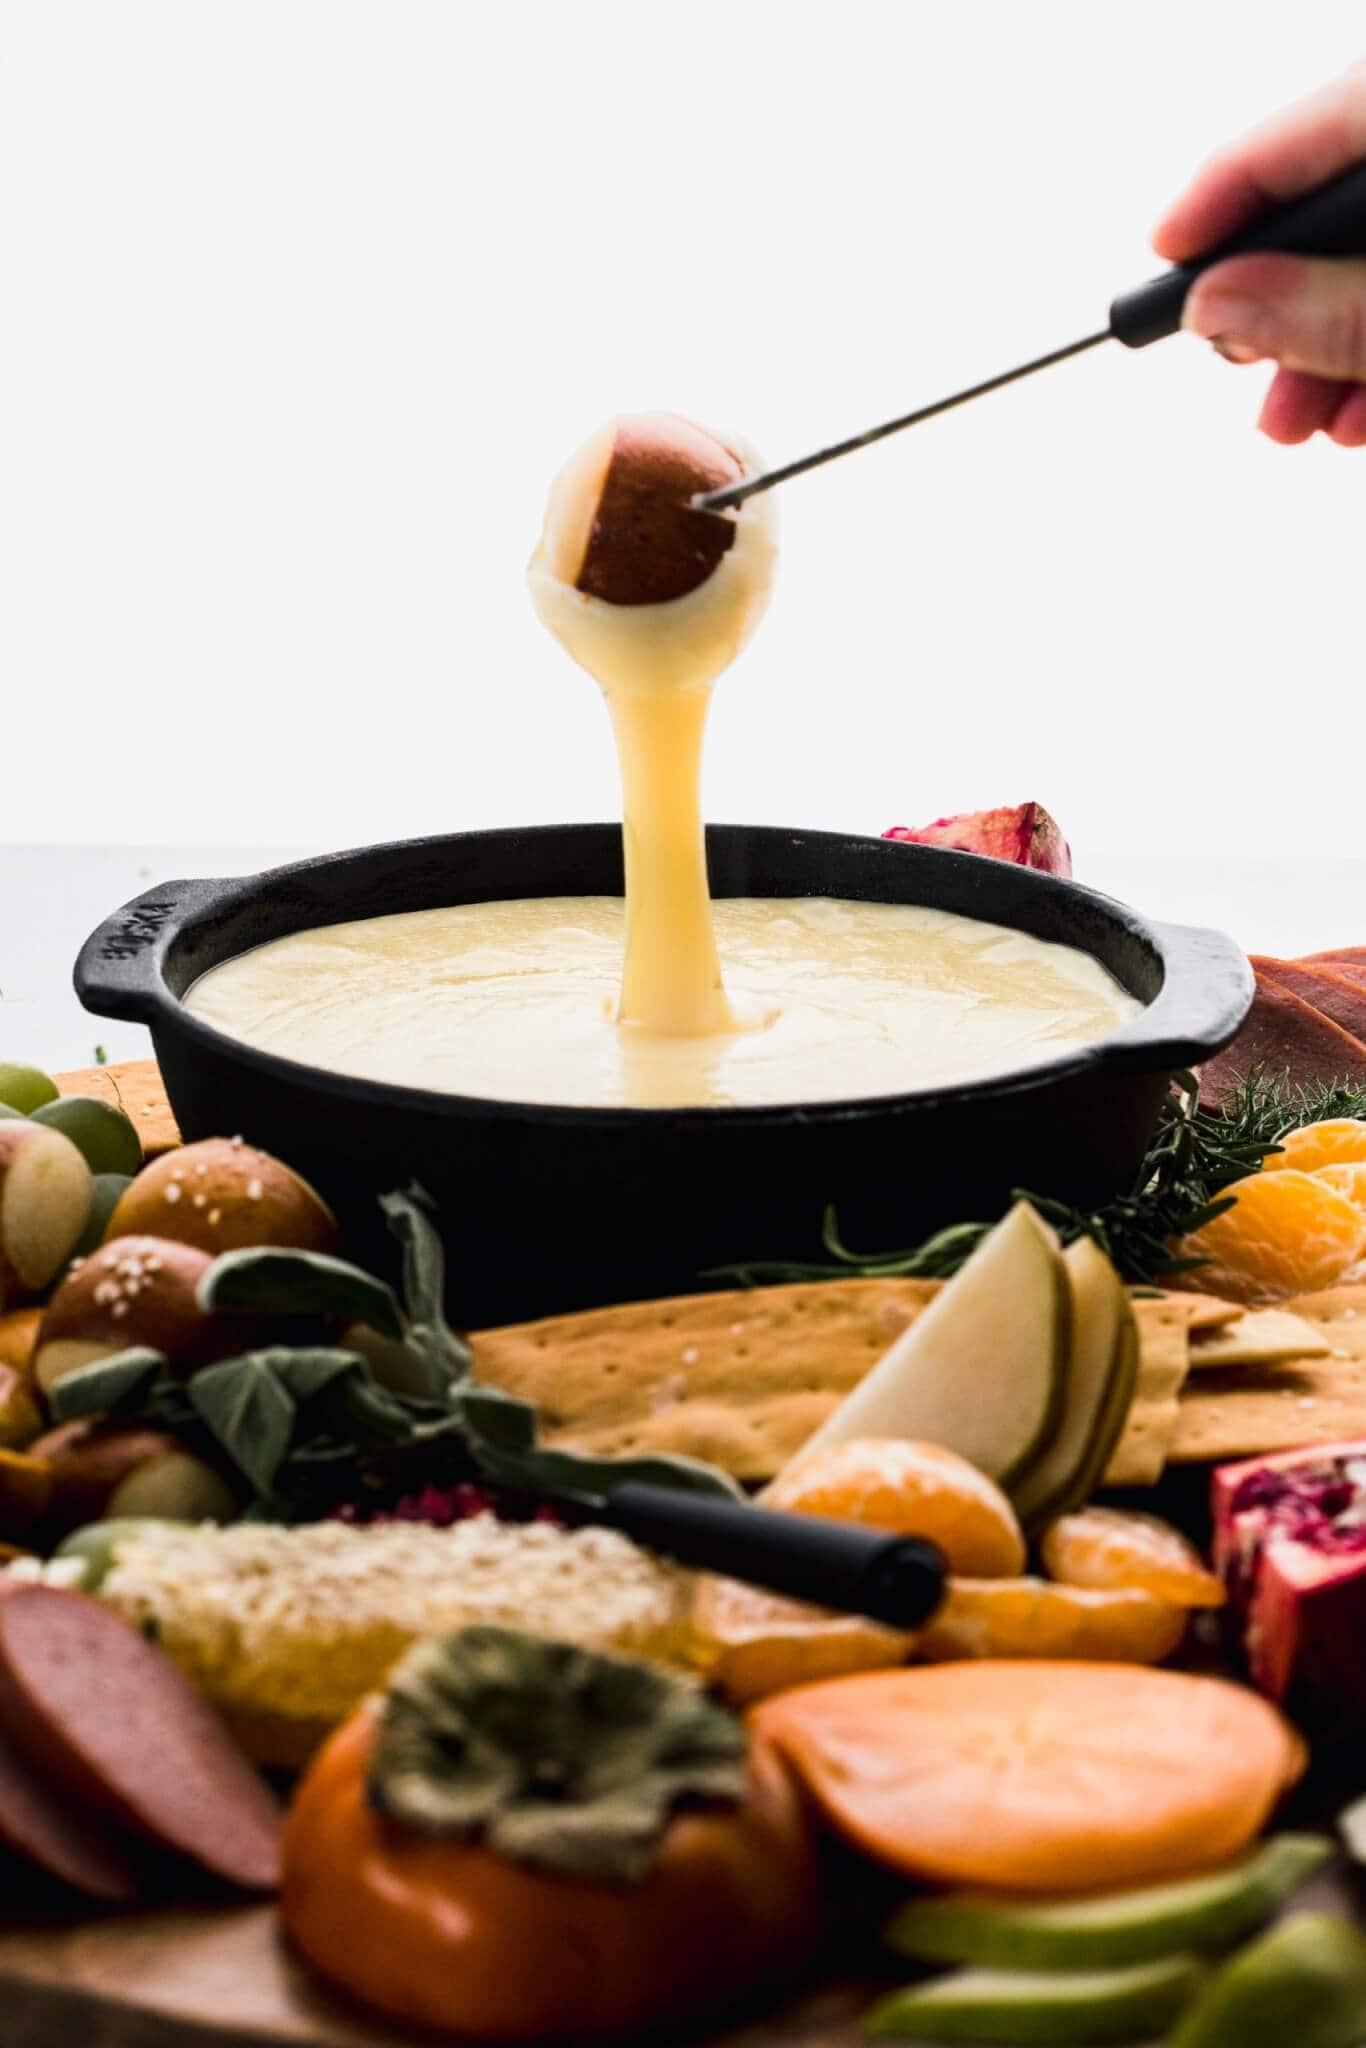 Pretzel bite being dipped into fondue.